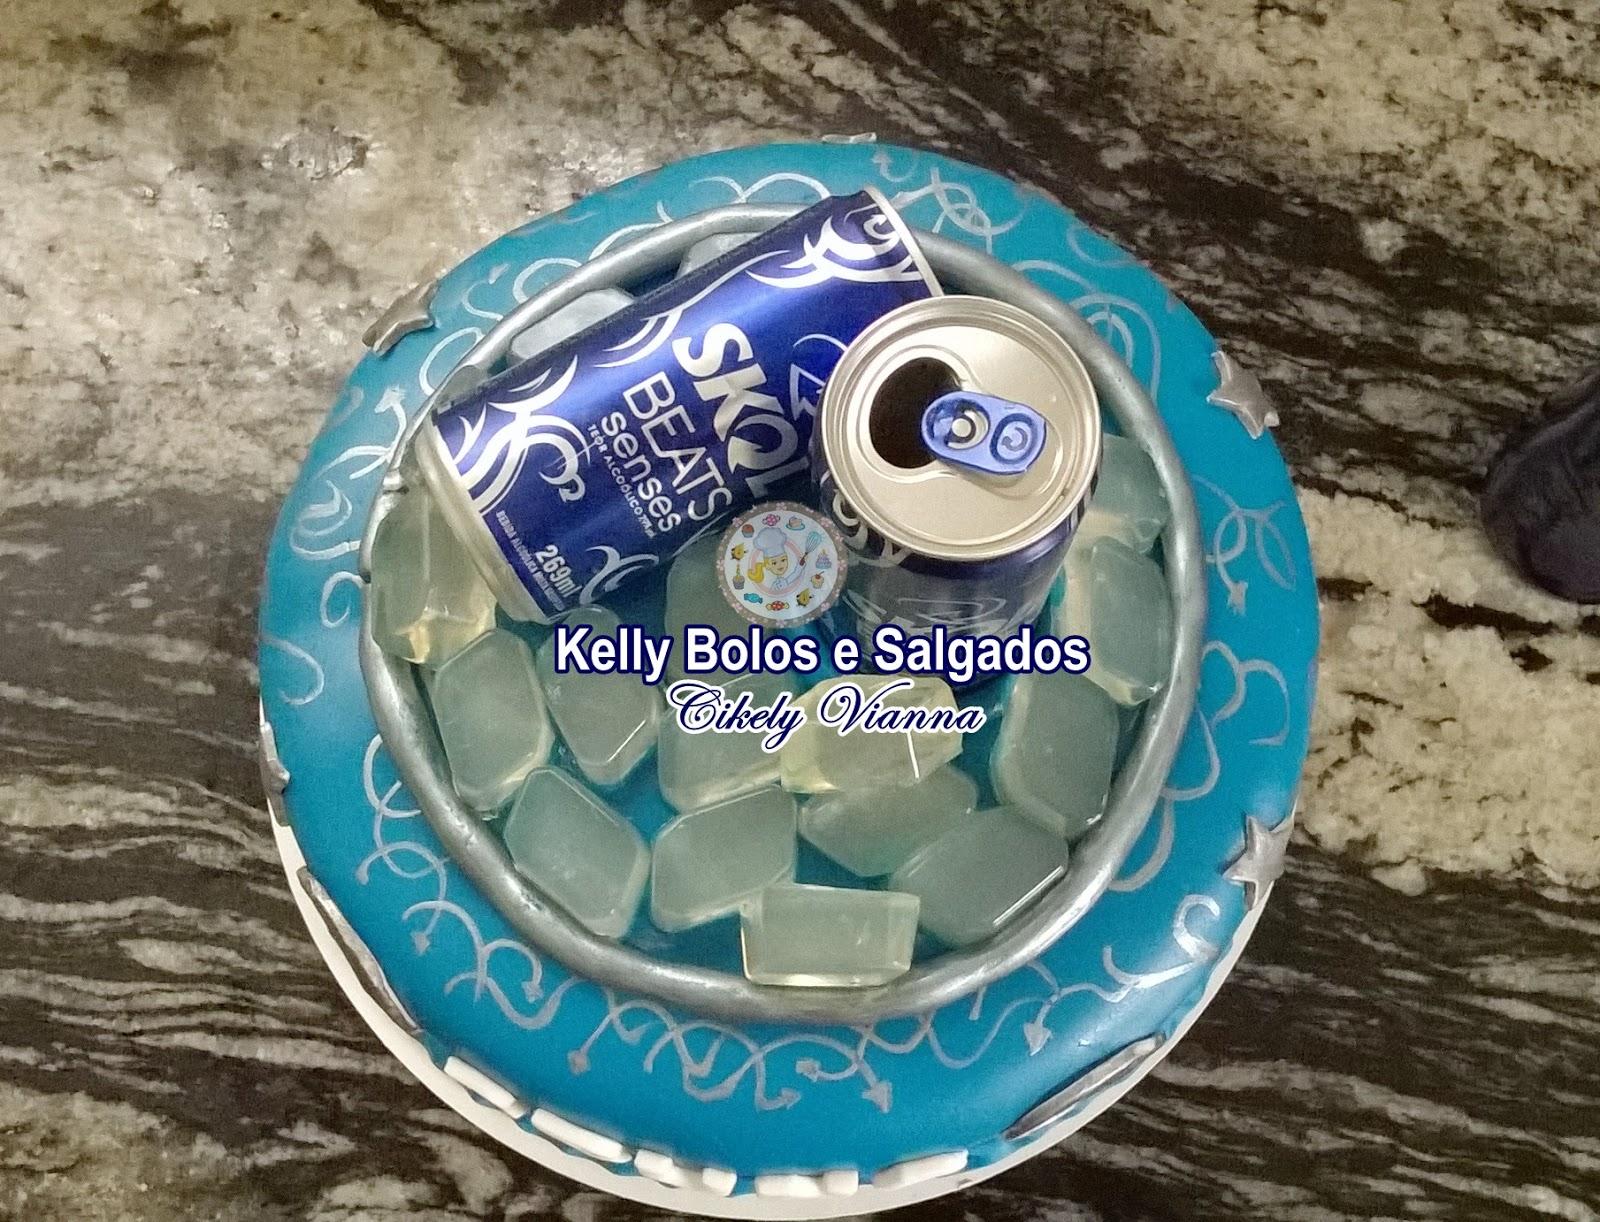 Populares Kelly Bolos e Salgados: Bolo Cerveja Skol Beats WV28